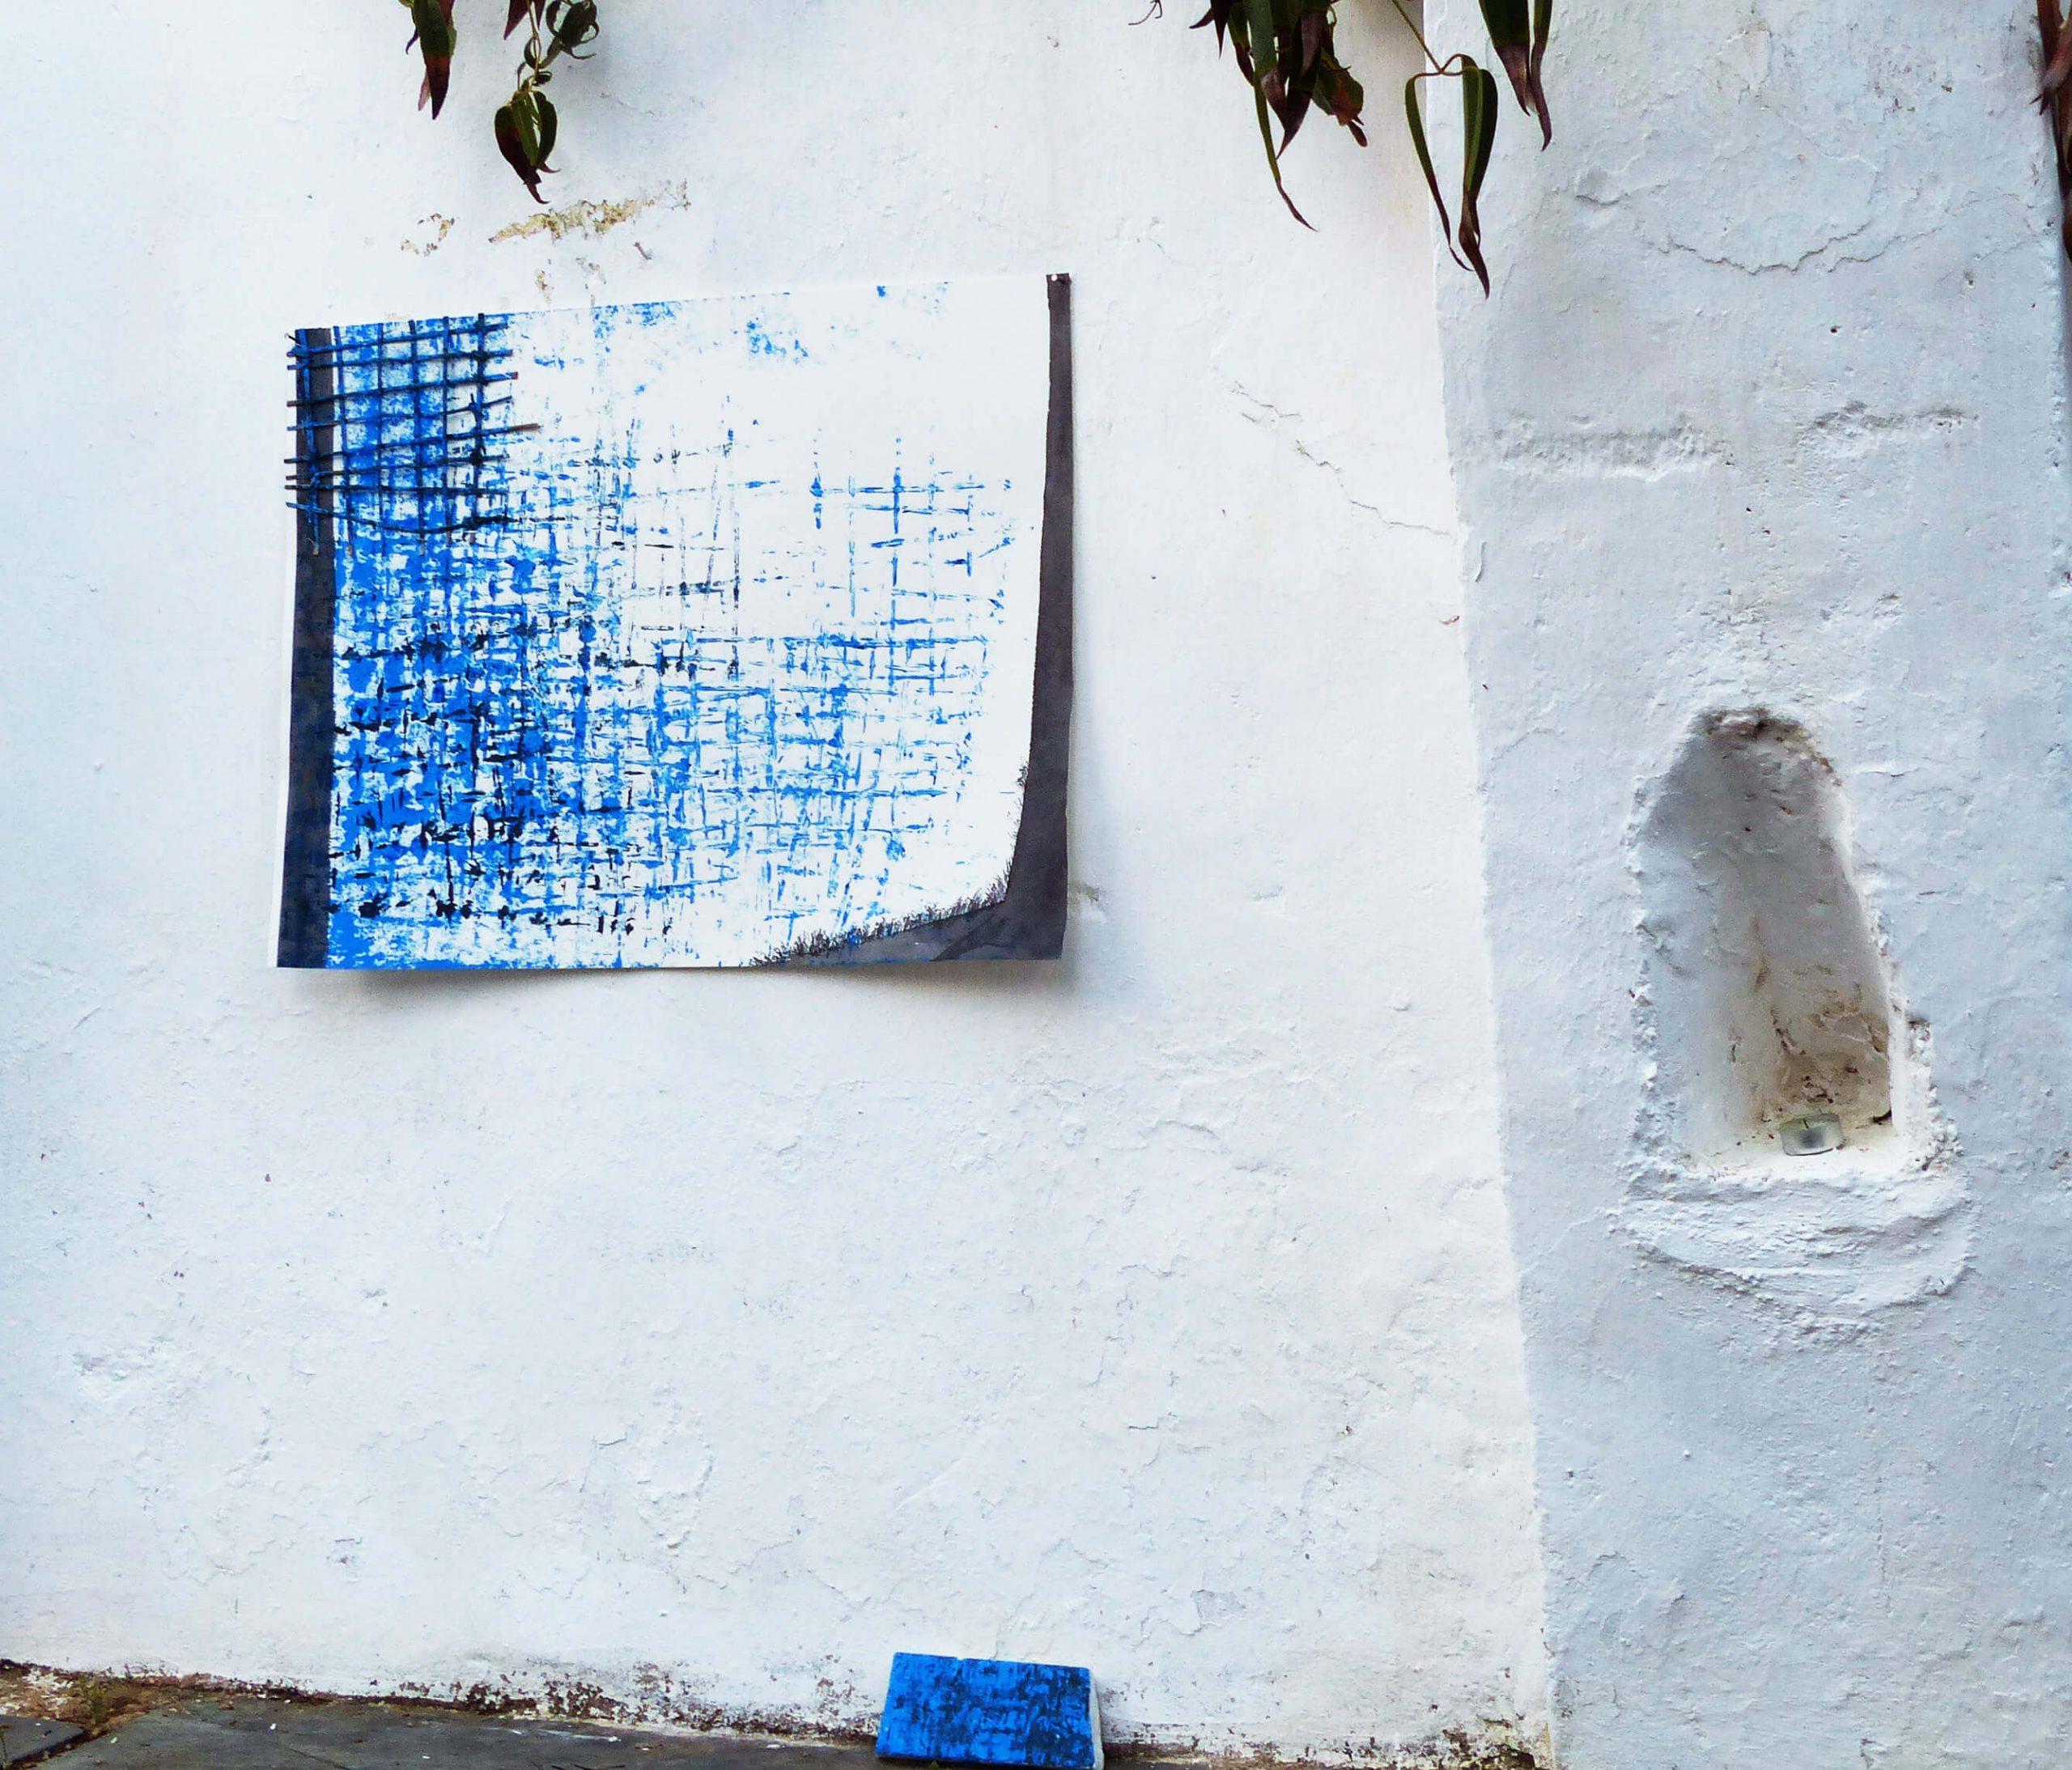 Artwork 3 at Obras, 2017